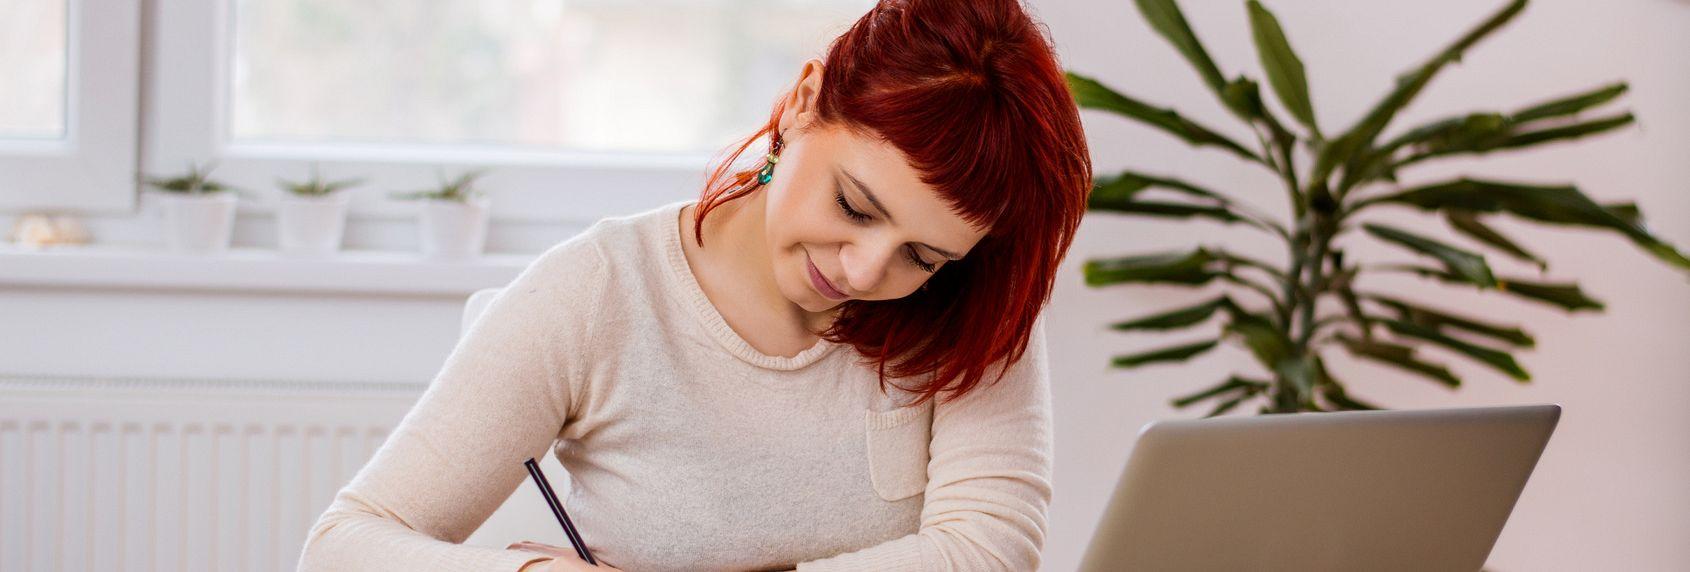 Dobin model online študija - regionalni zmagovalec